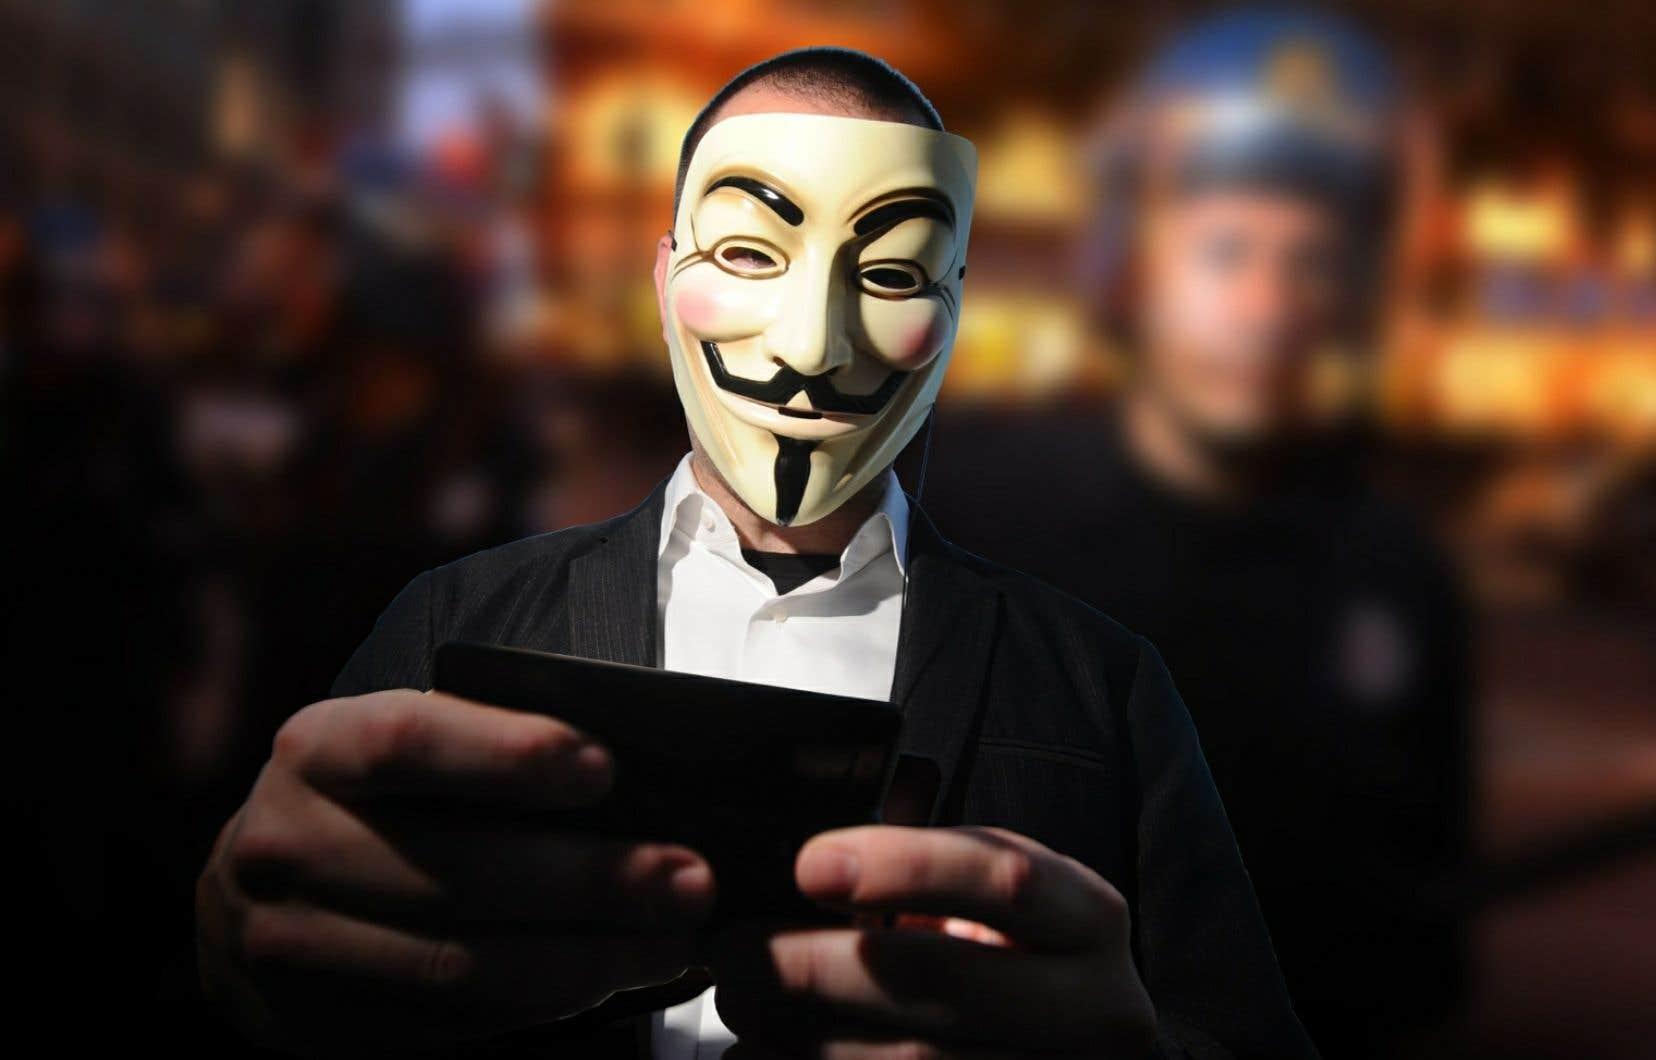 Le pirate informatique n'avait que 12 ans lorsqu'il a participé à la campagne «Opération Québec» qui avait été orchestrée par le groupe Anonymous, au printemps 2012.